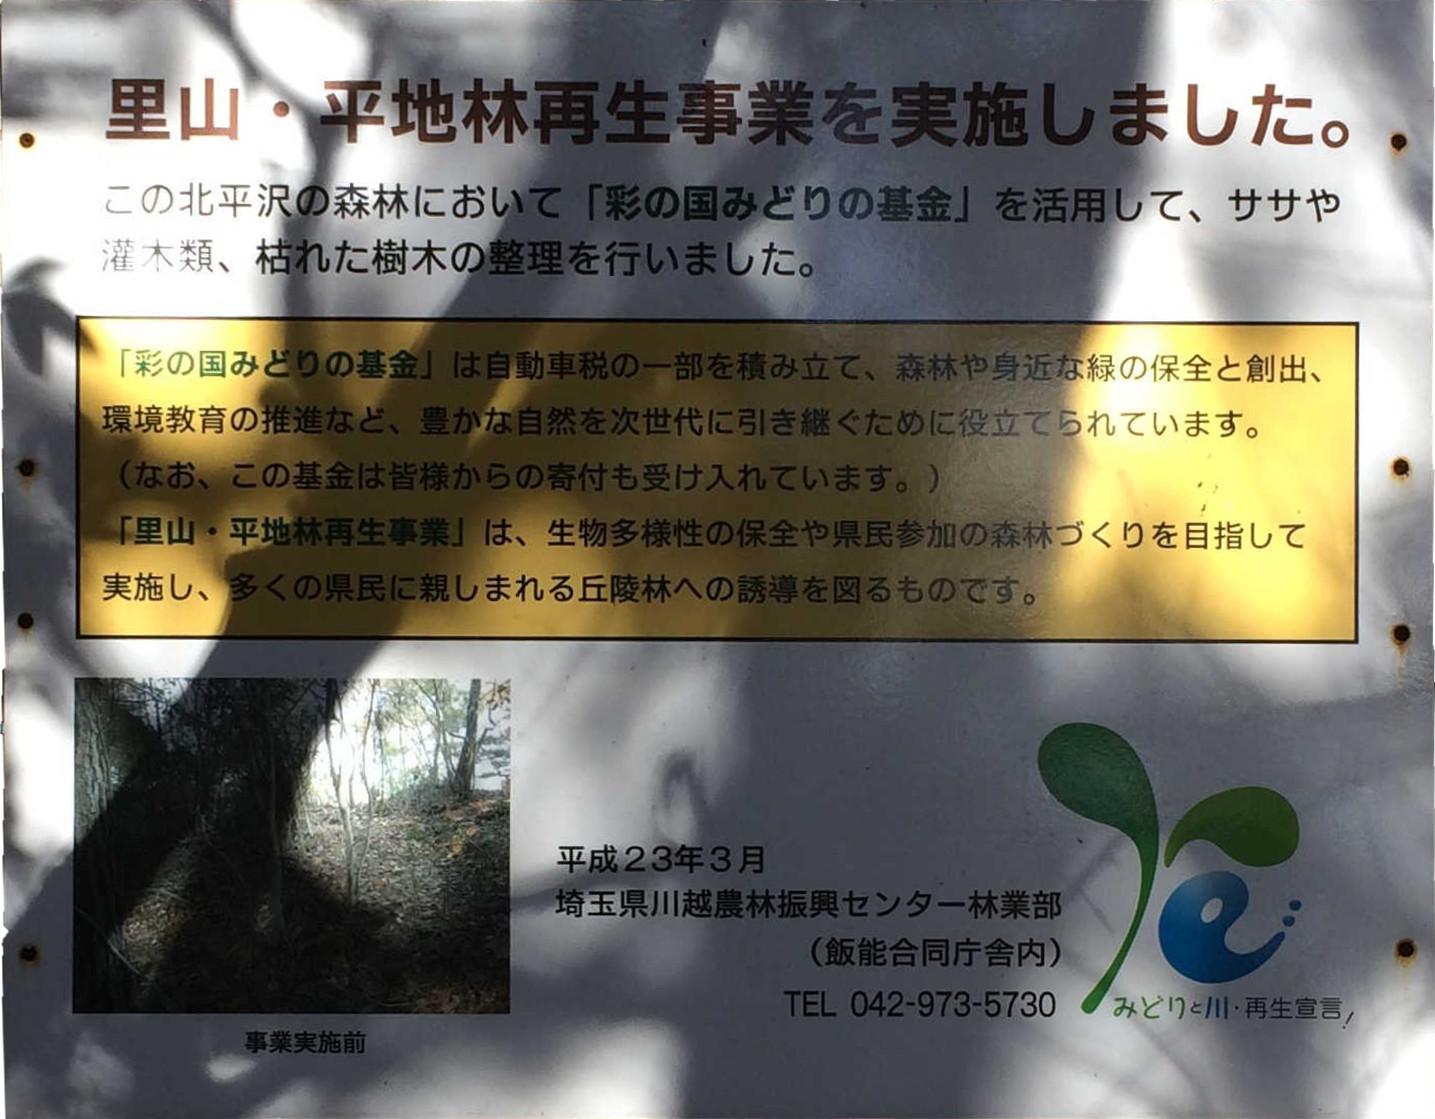 里山・平地林再生事業を実施しました。